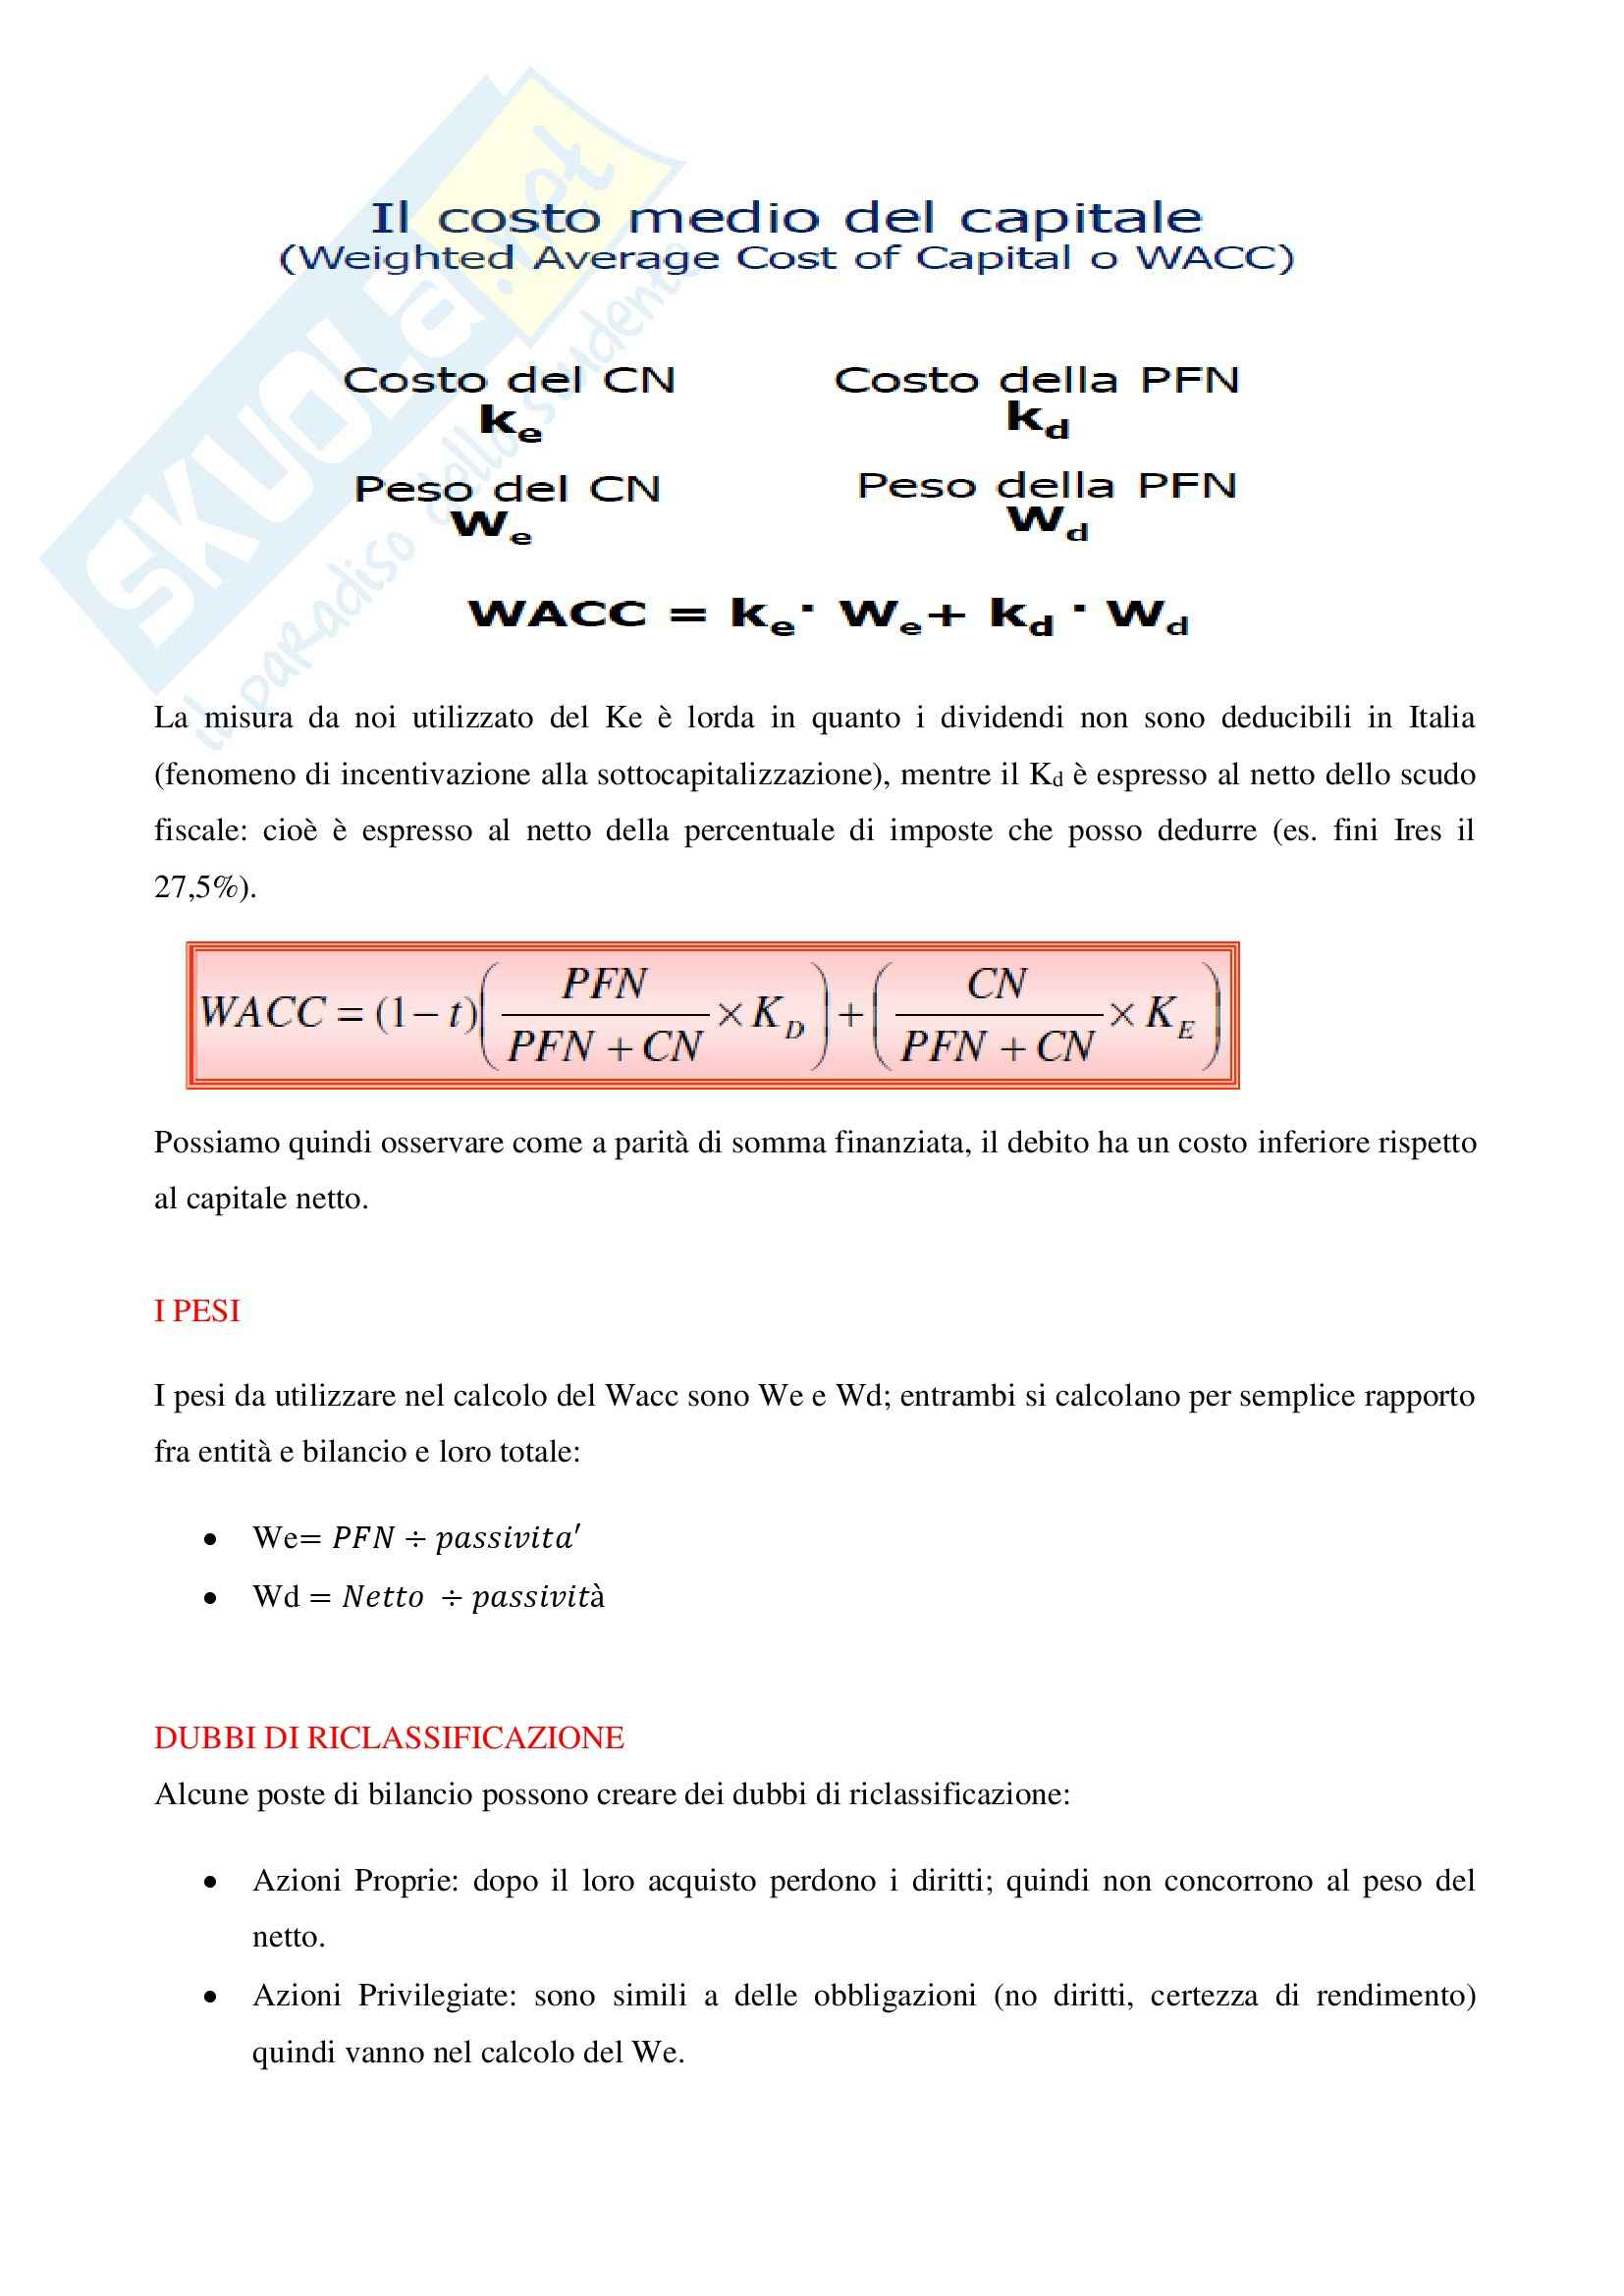 Riassunto esame Valutazione d'azienda, prof. Liberatore Pag. 6